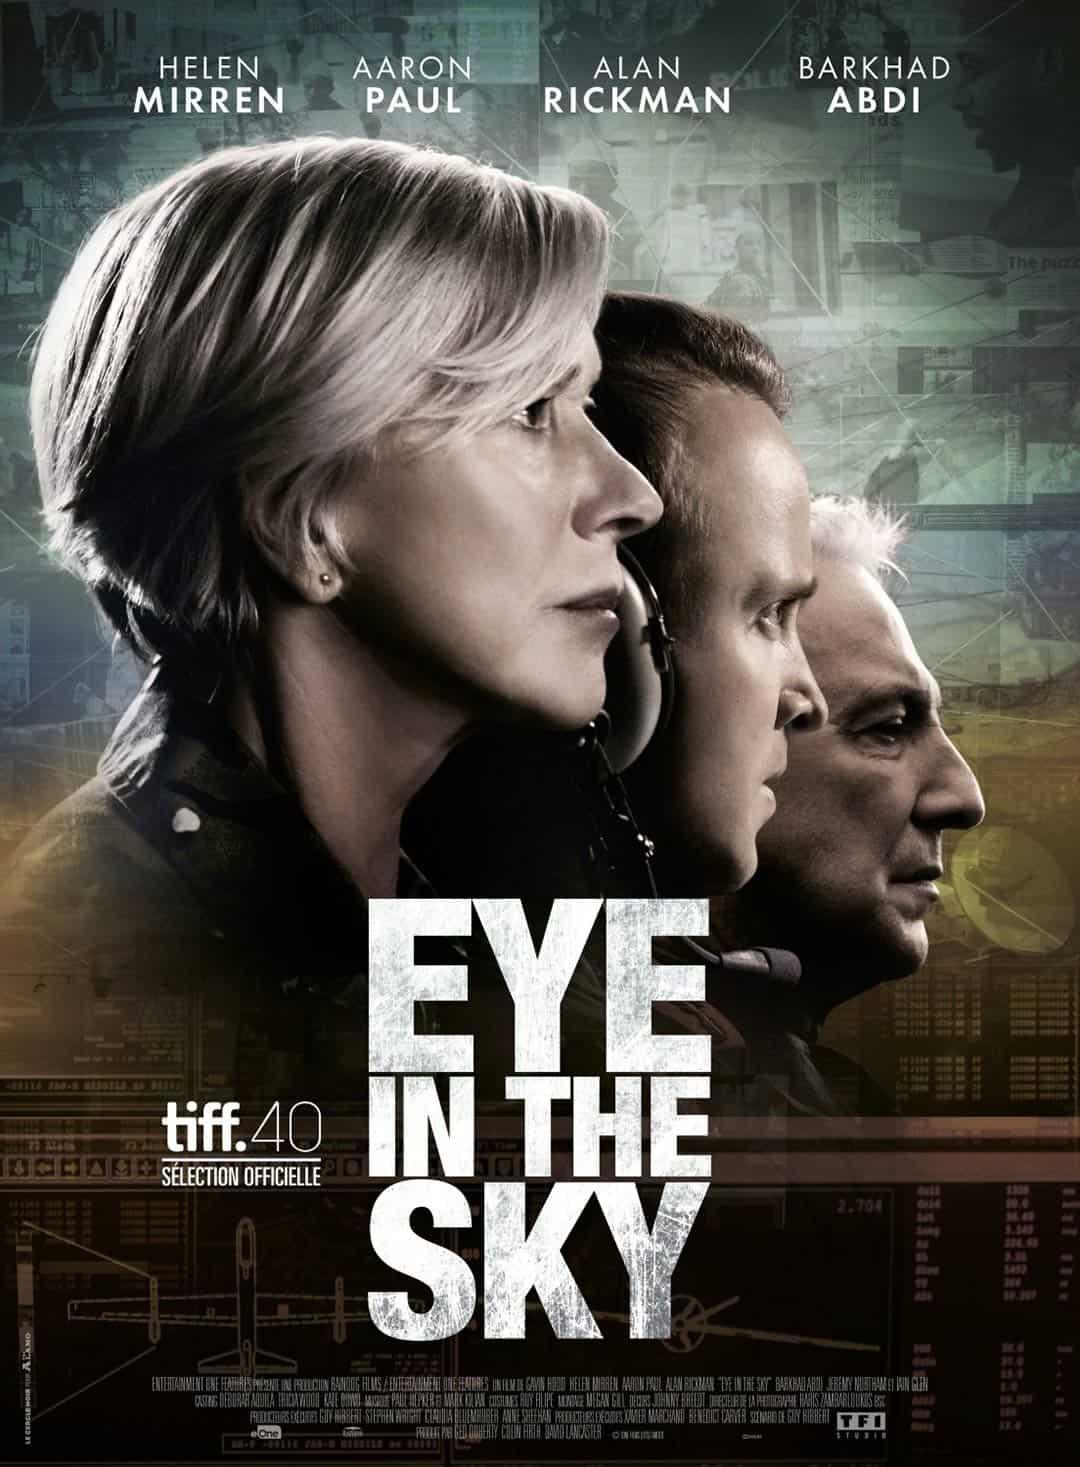 ดูหนังออนไลน์ Eye in the Sky (2015) แผนพิฆาตล่าข้ามโลก เต็มเรื่องพากย์ไทย ซับไทย HD มาสเตอร์ หนังฝรั่ง บู๊แอคชั่นมันส์ๆ